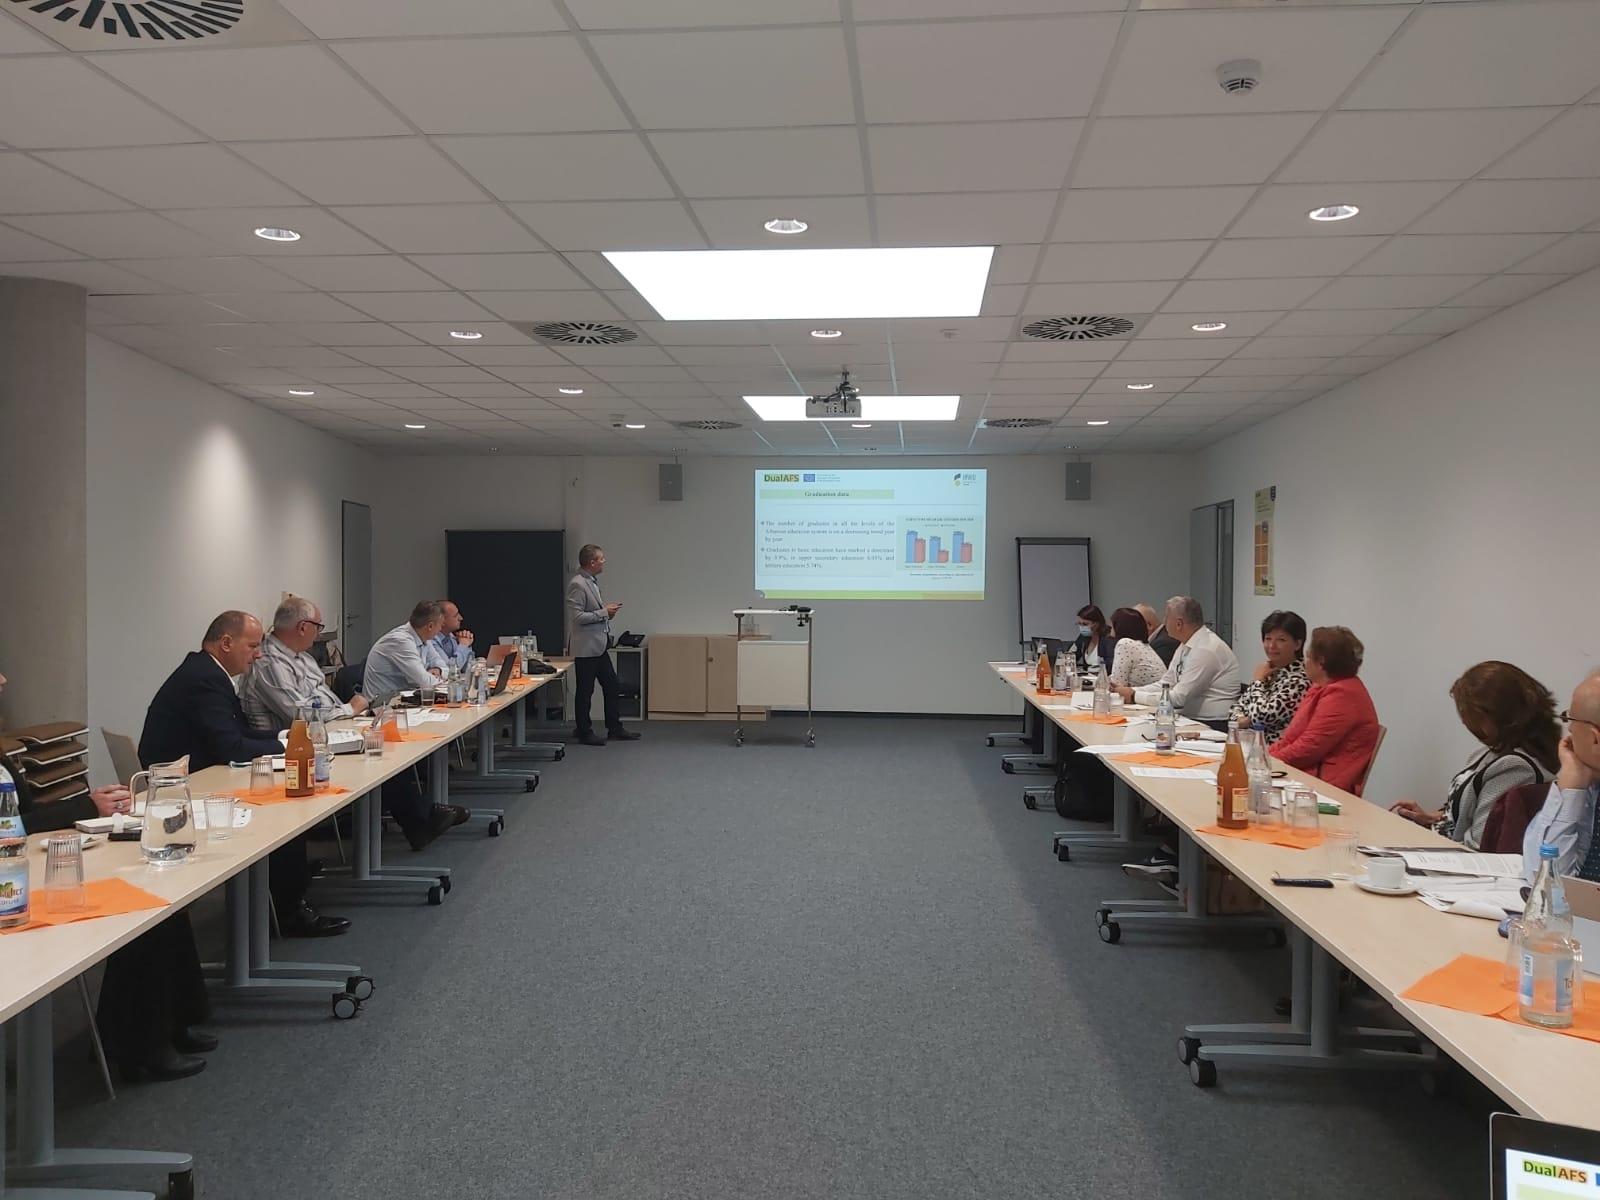 Në kuadër të projektit DualAFS u mbajt takimi i tretë i anëtarëve të Këshillit Drejtues